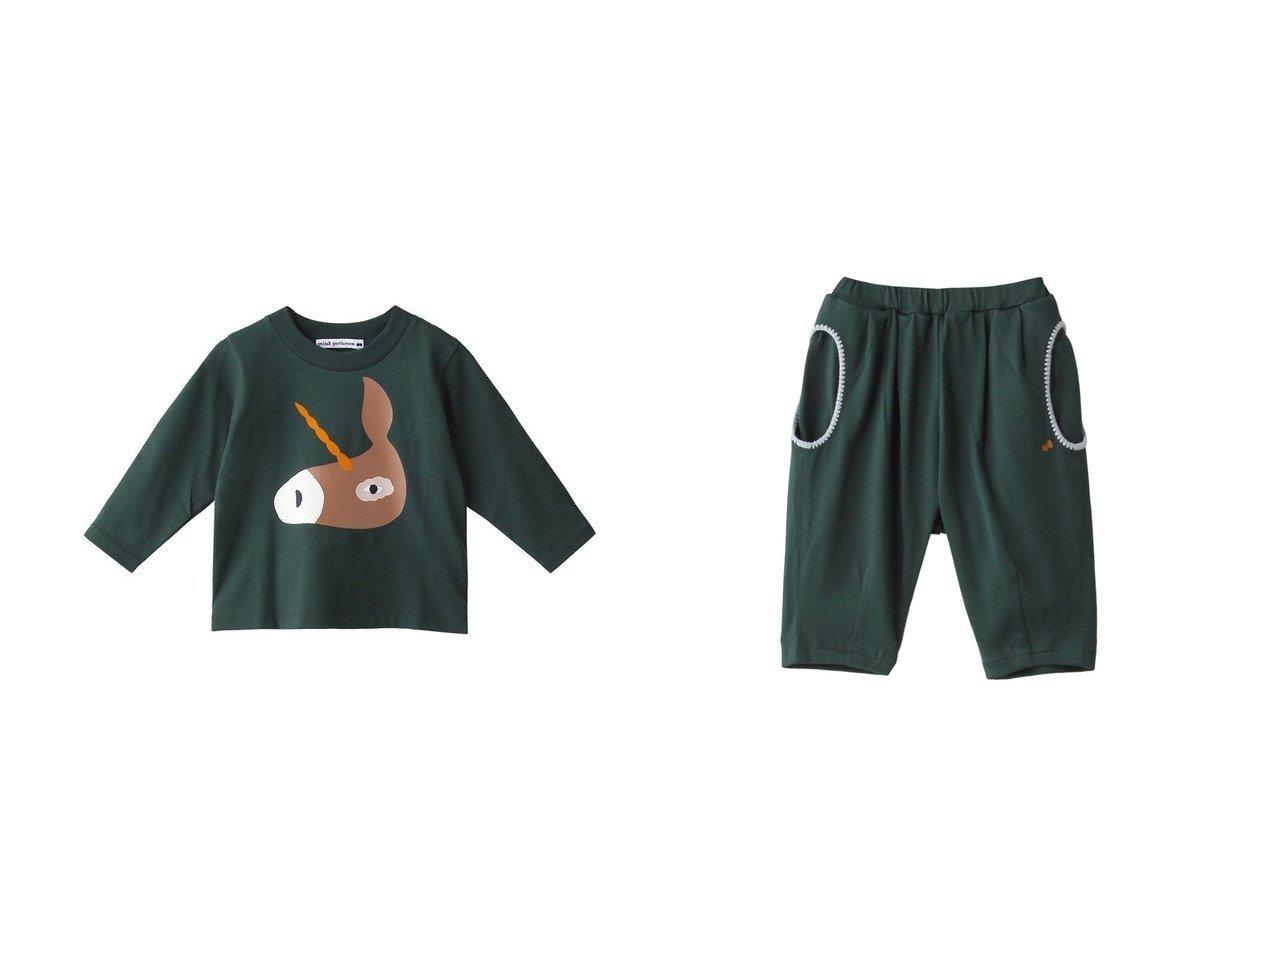 【mina perhonen / KIDS/ミナ ペルホネン】の【Baby】unichorus トップス&【Baby】sortir パンツ 【BABY】ベビー服のおすすめ!人気、キッズファッションの通販 おすすめで人気の流行・トレンド、ファッションの通販商品 インテリア・家具・メンズファッション・キッズファッション・レディースファッション・服の通販 founy(ファニー) https://founy.com/ ファッション Fashion キッズファッション KIDS ボトムス Bottoms/Kids トップス・カットソー Tops/Tees/Kids ベビー ポケット フロント モチーフ  ID:crp329100000070461